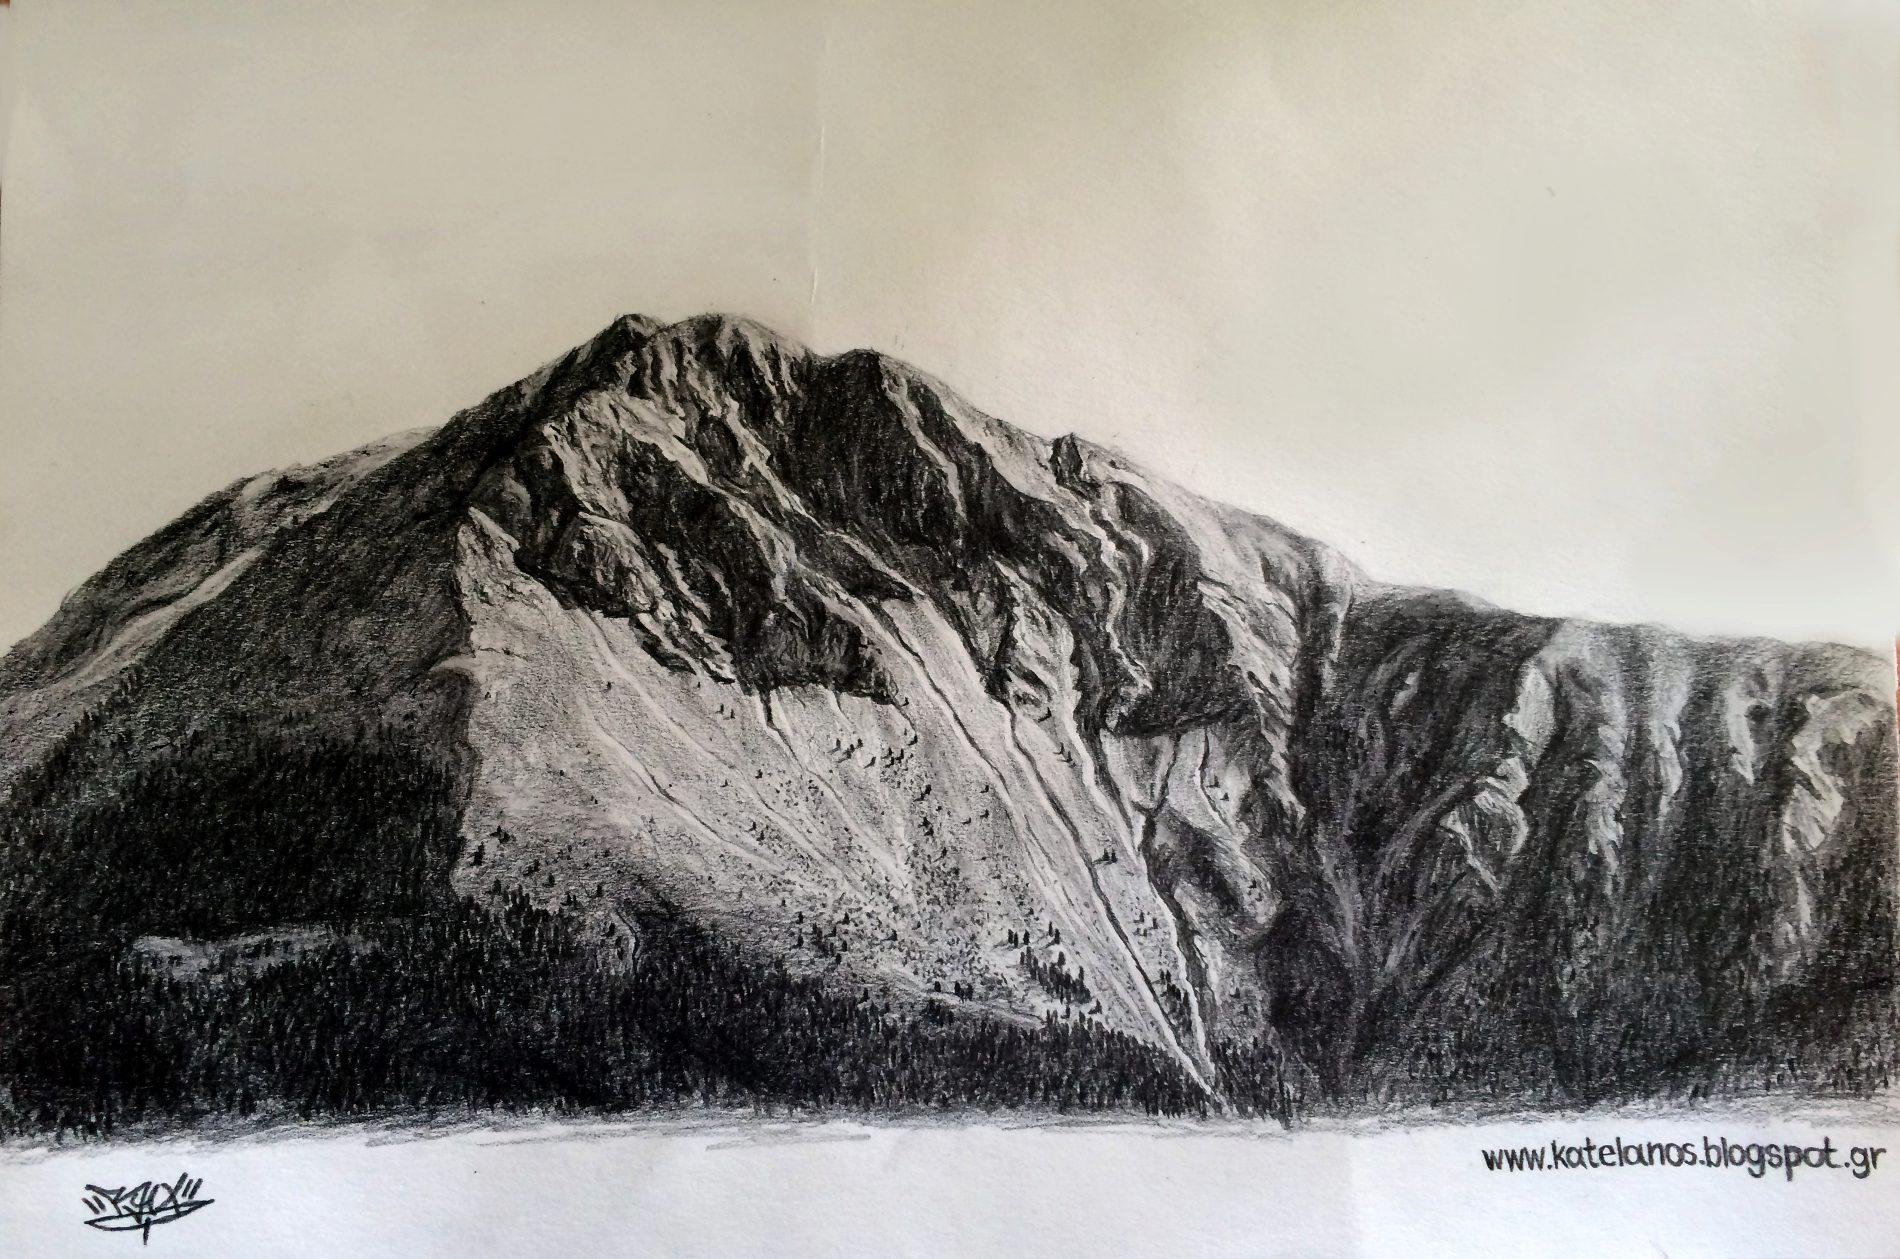 καλιακουδα βουνο ευρυτανιας σκιτσο σκιτσα βουνων